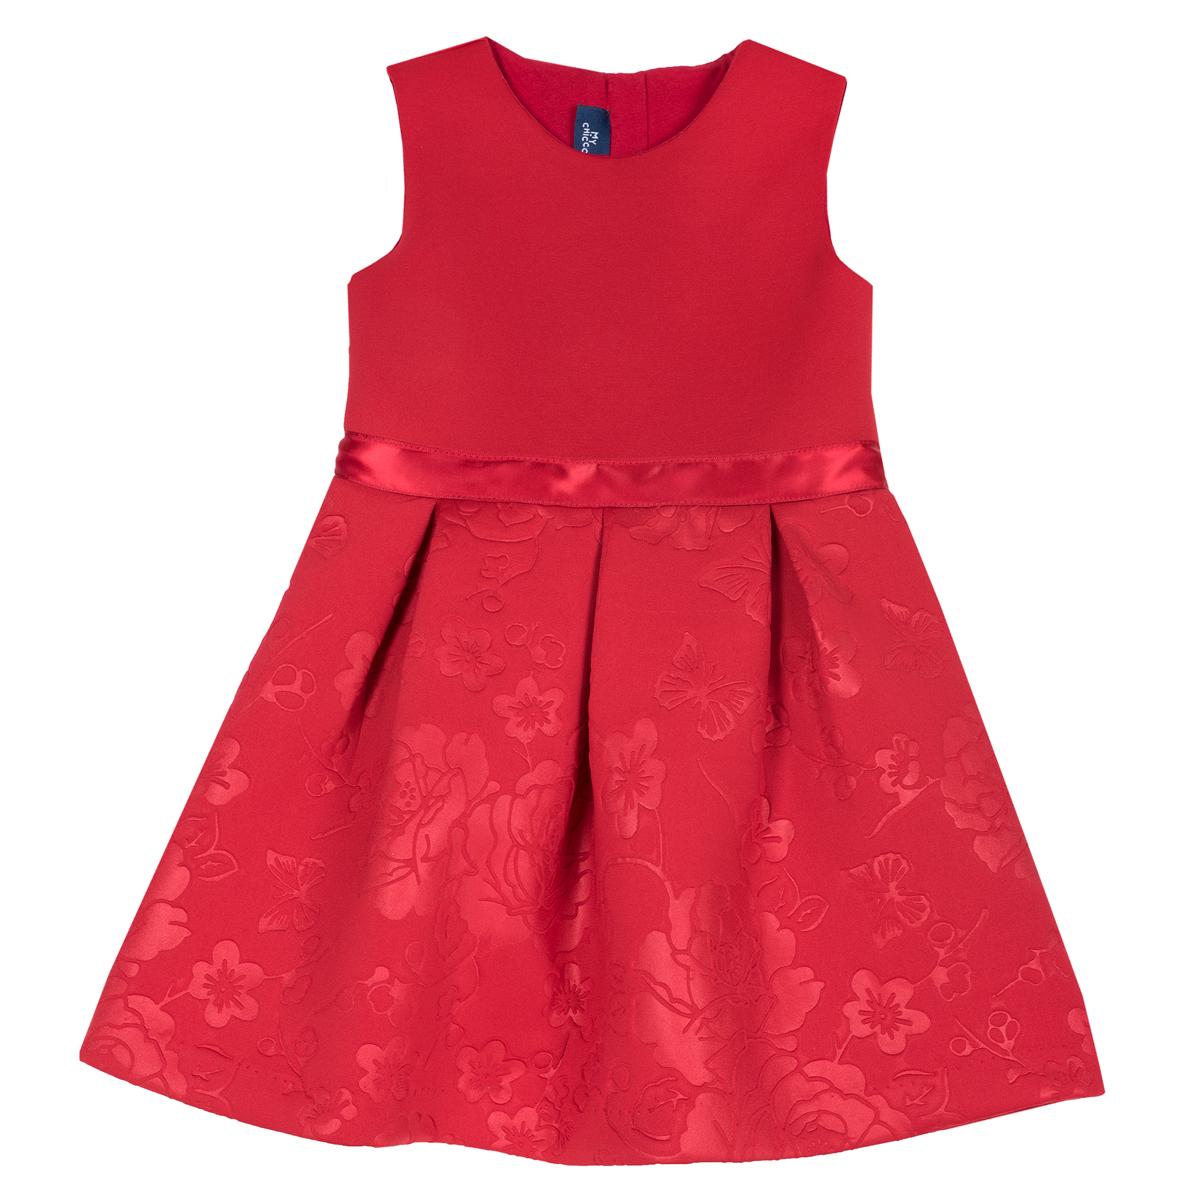 Rochita copii eleganta Chicco, fara maneci, rosu 03604 din categoria Rochii, Fuste